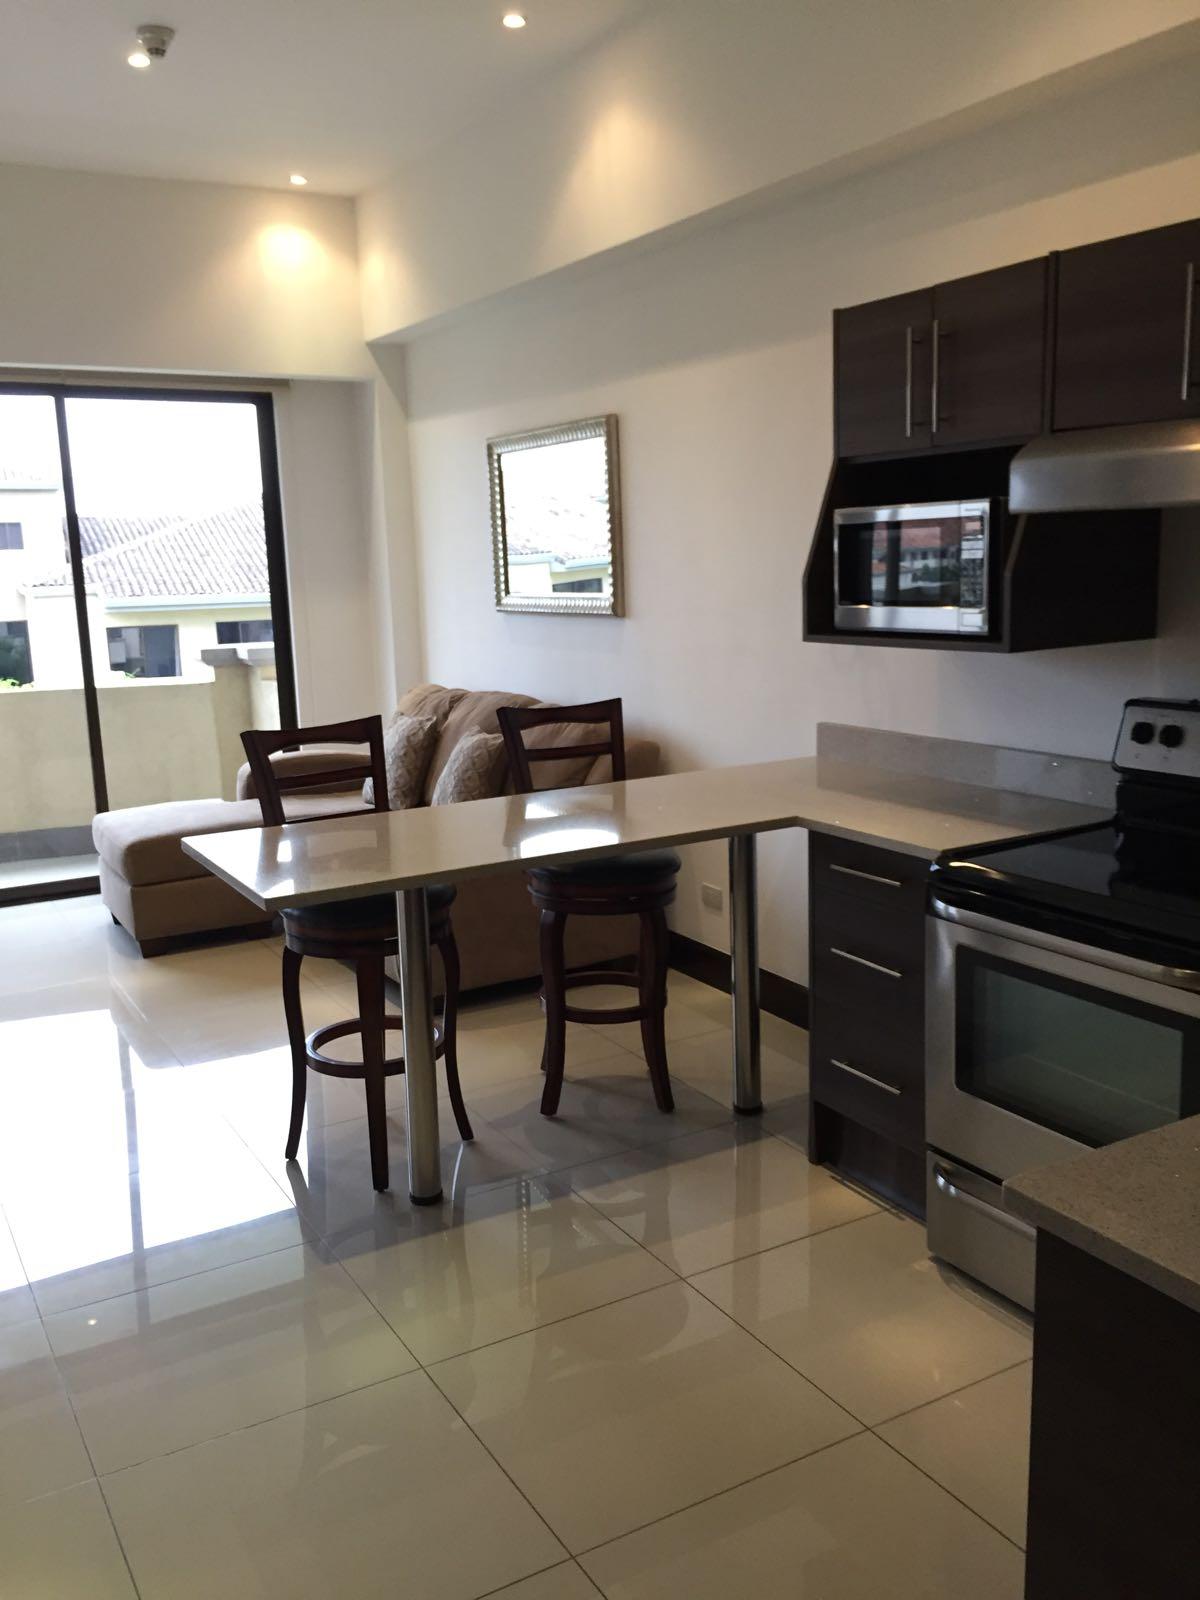 1 Bedroom 1 5 Bathroom Condo Montesol Santa Ana For Rent Fully Furnished. 1 Bedroom 1 5 Bathroom Condo Montesol Santa Ana For Rent Fully